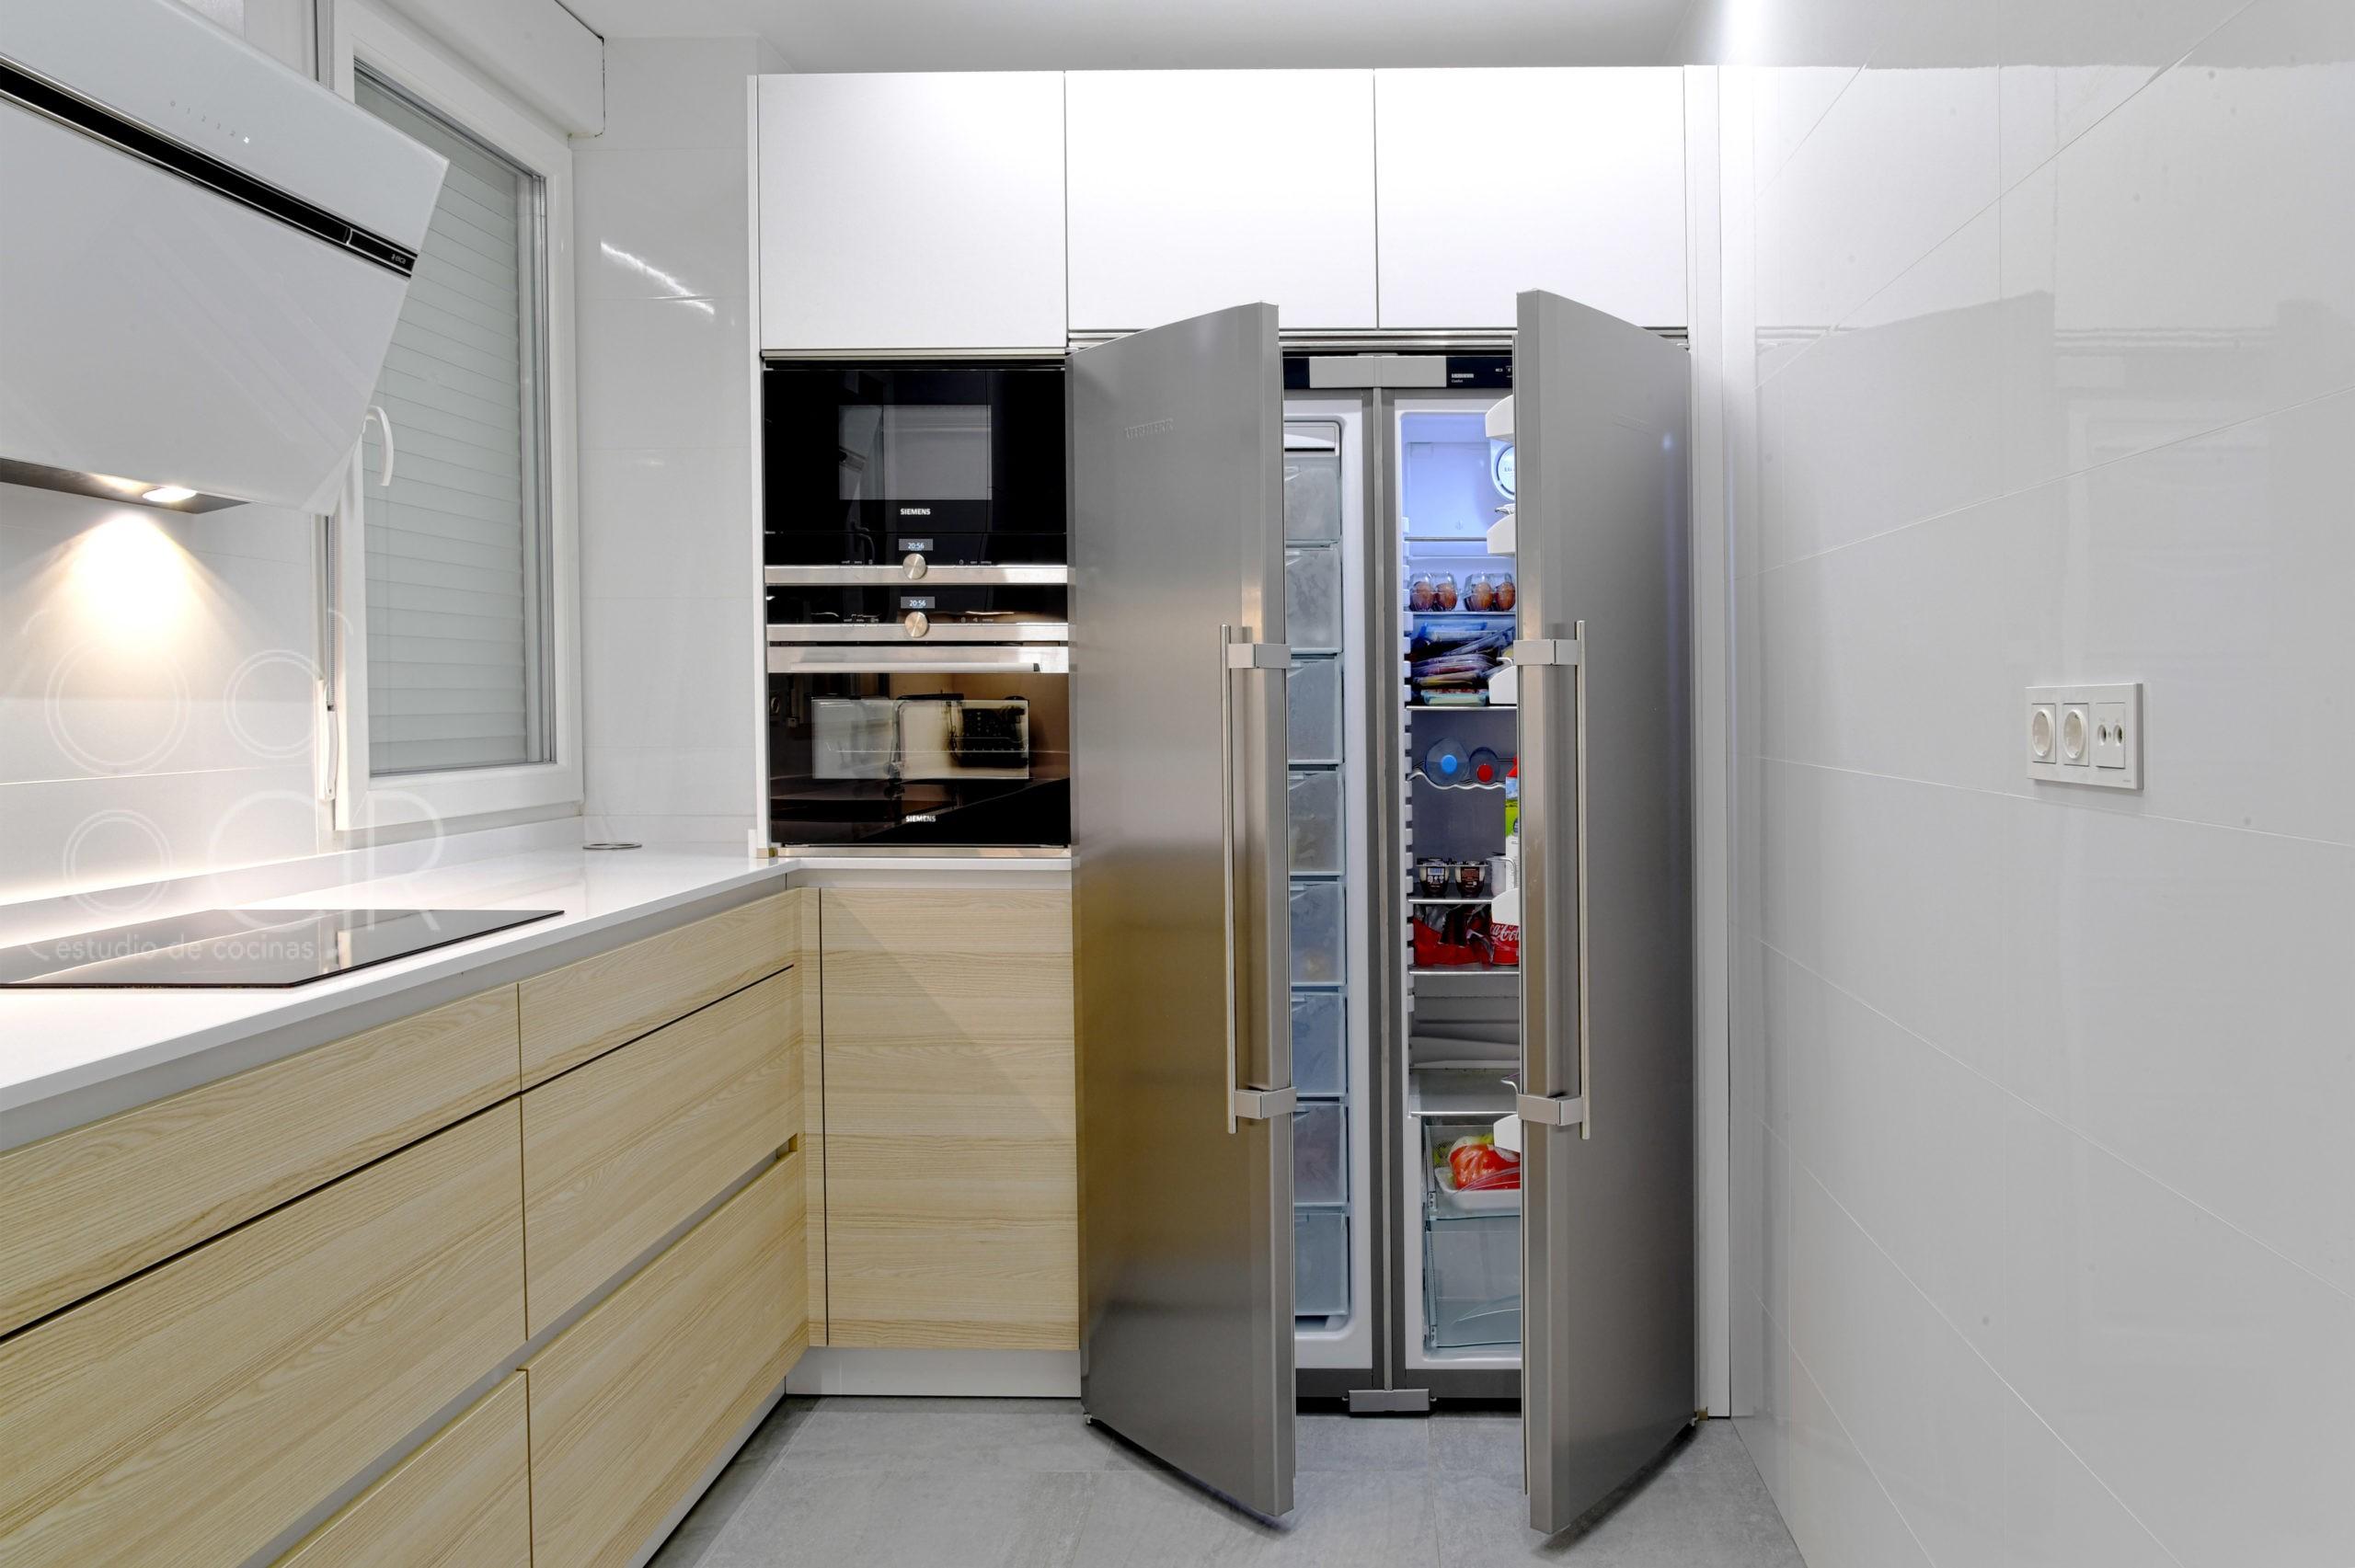 side by side doble frigo y congelador cocina inox